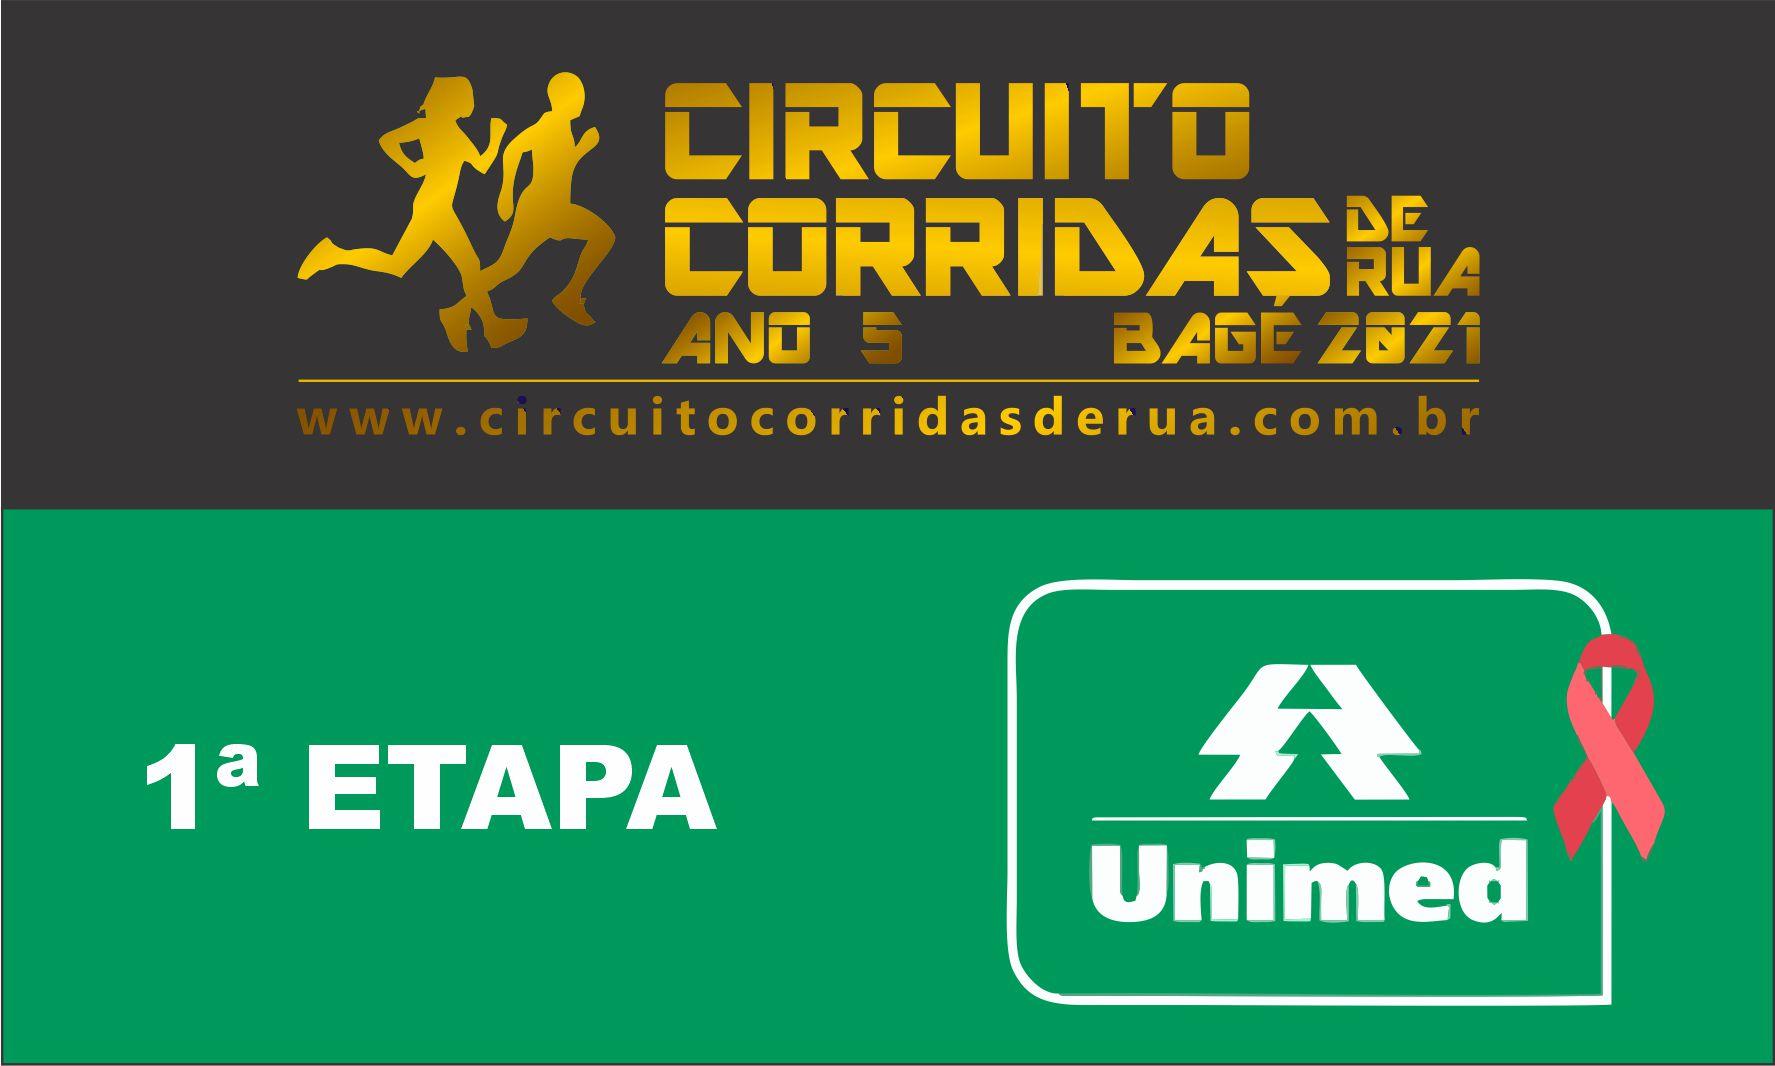 CIRCUITO CORRIDAS DE RUA DE BAGÉ ANO 5 - 1ª ETAPA - UNIMED REGIÃO DA CAMPANHA